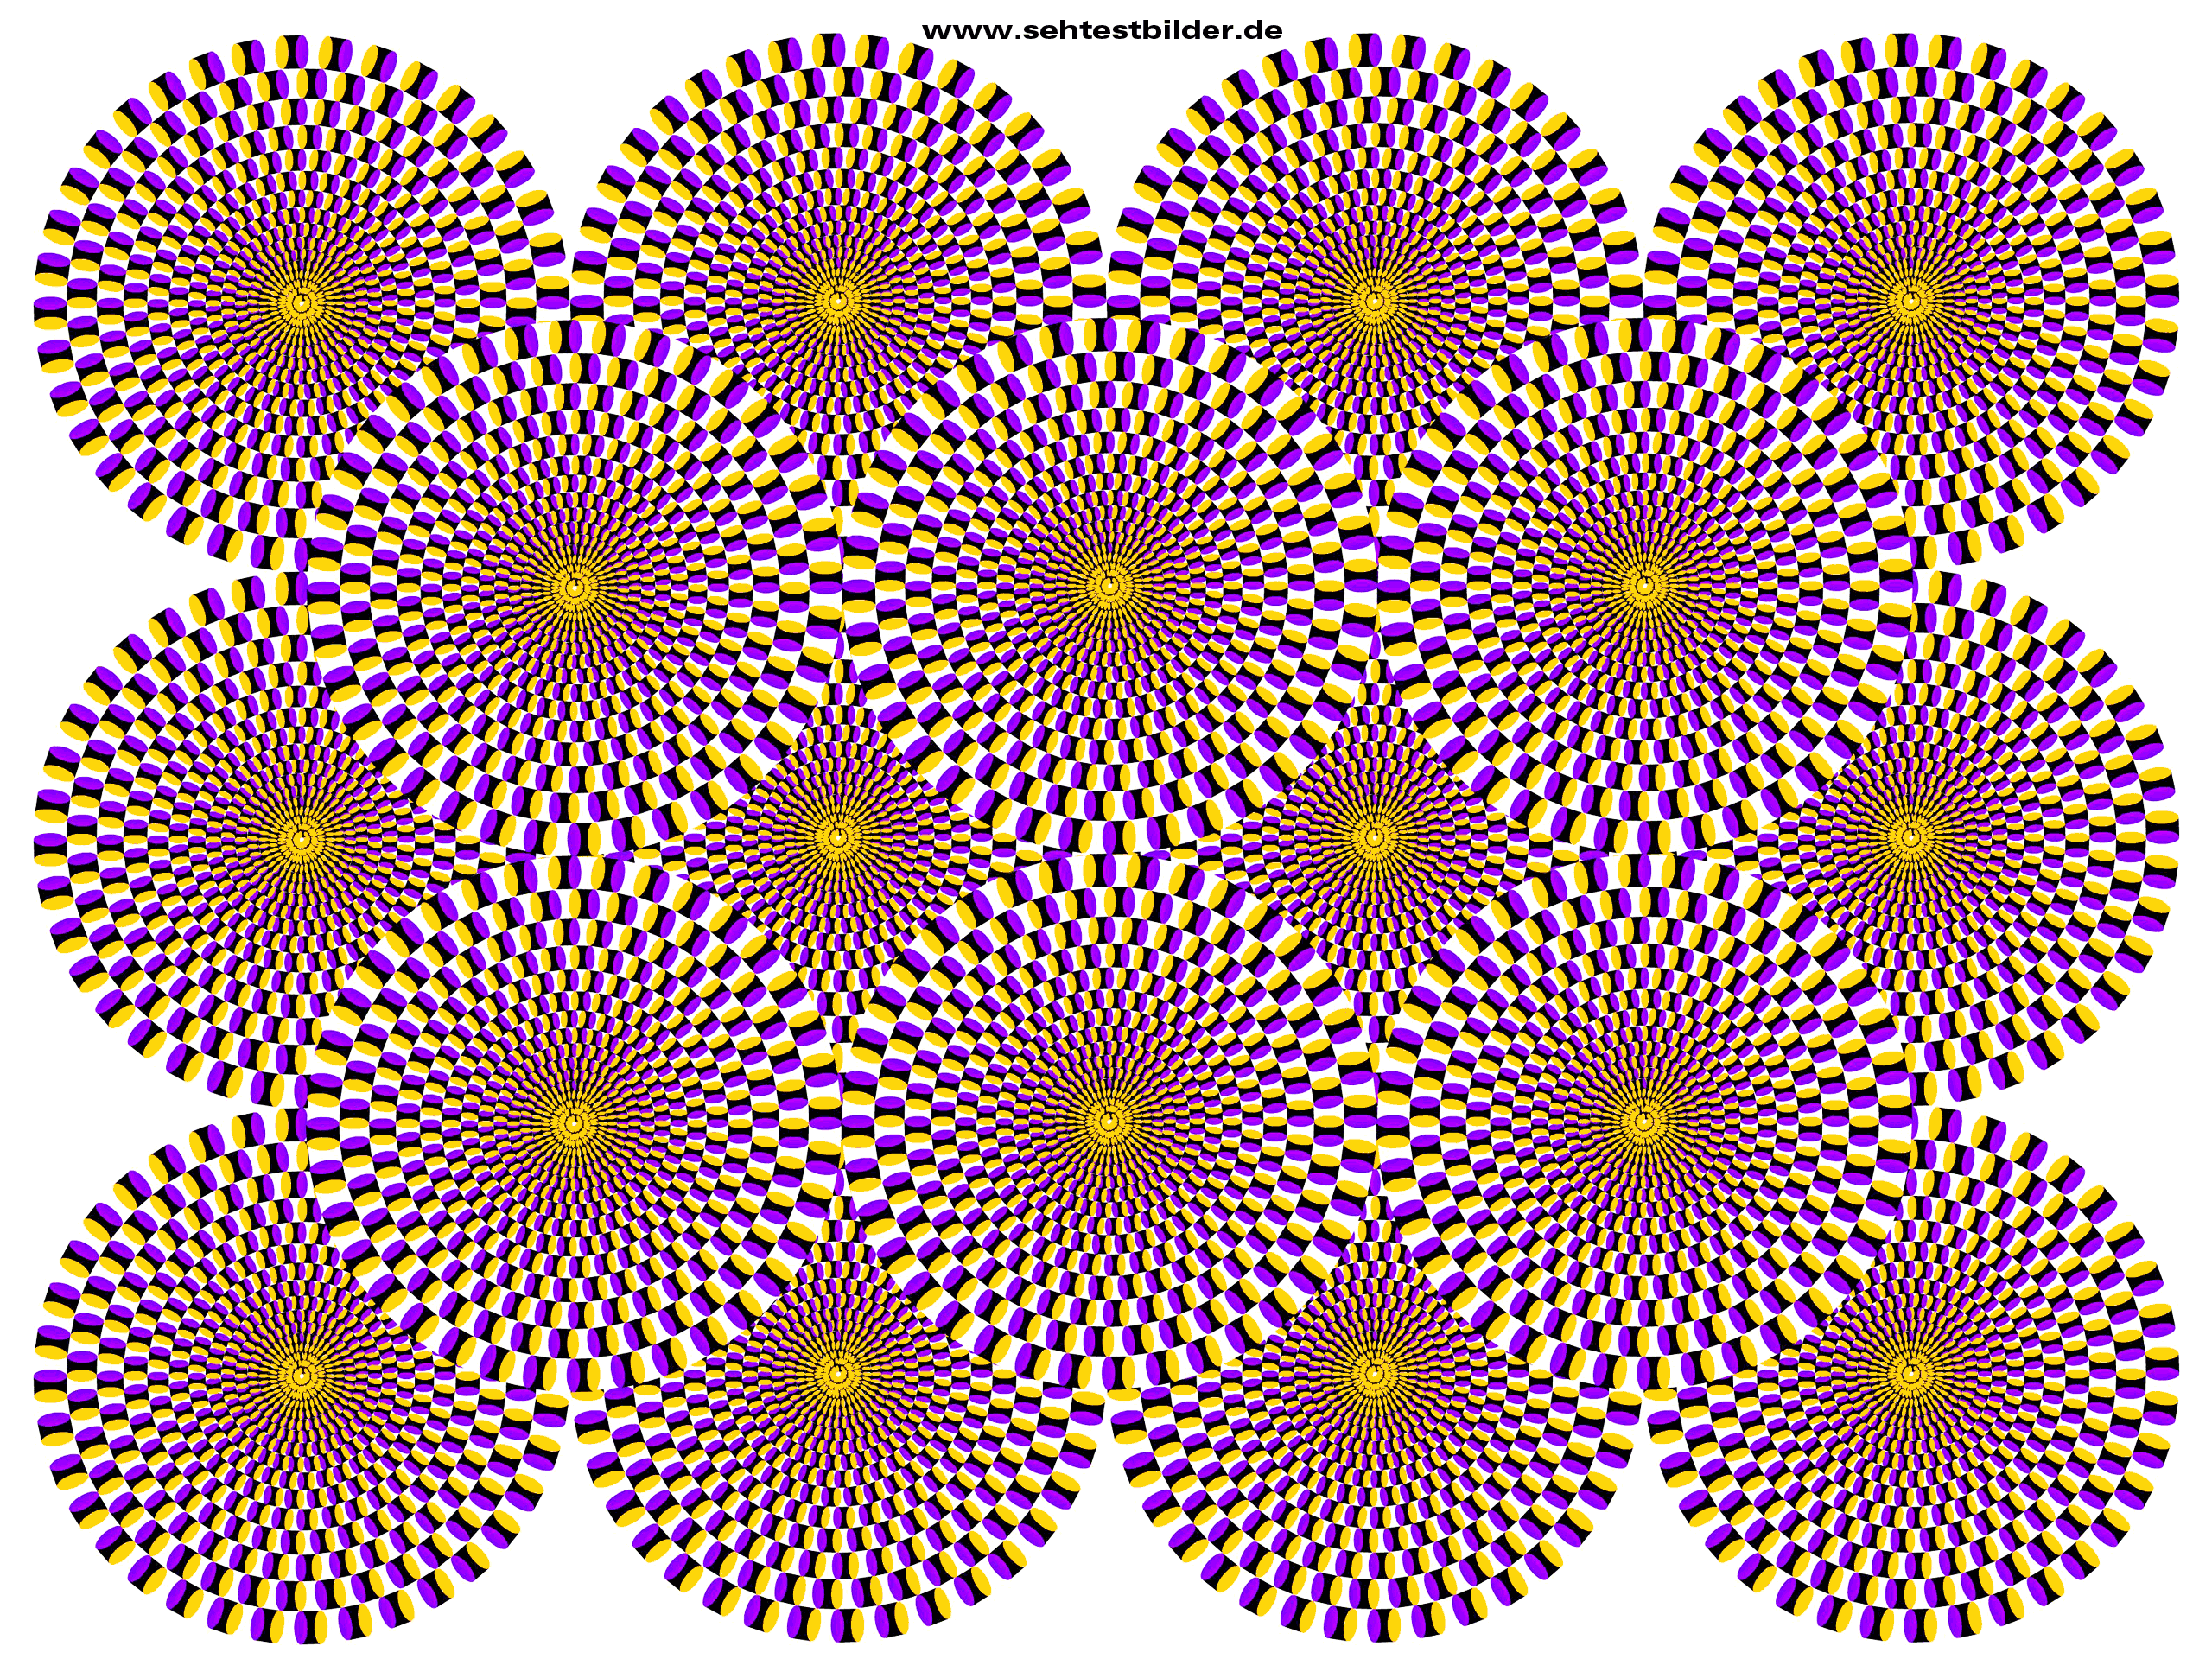 Optische Illusion - drehende Kreise | erzählnacht 2015 | Pinterest ...